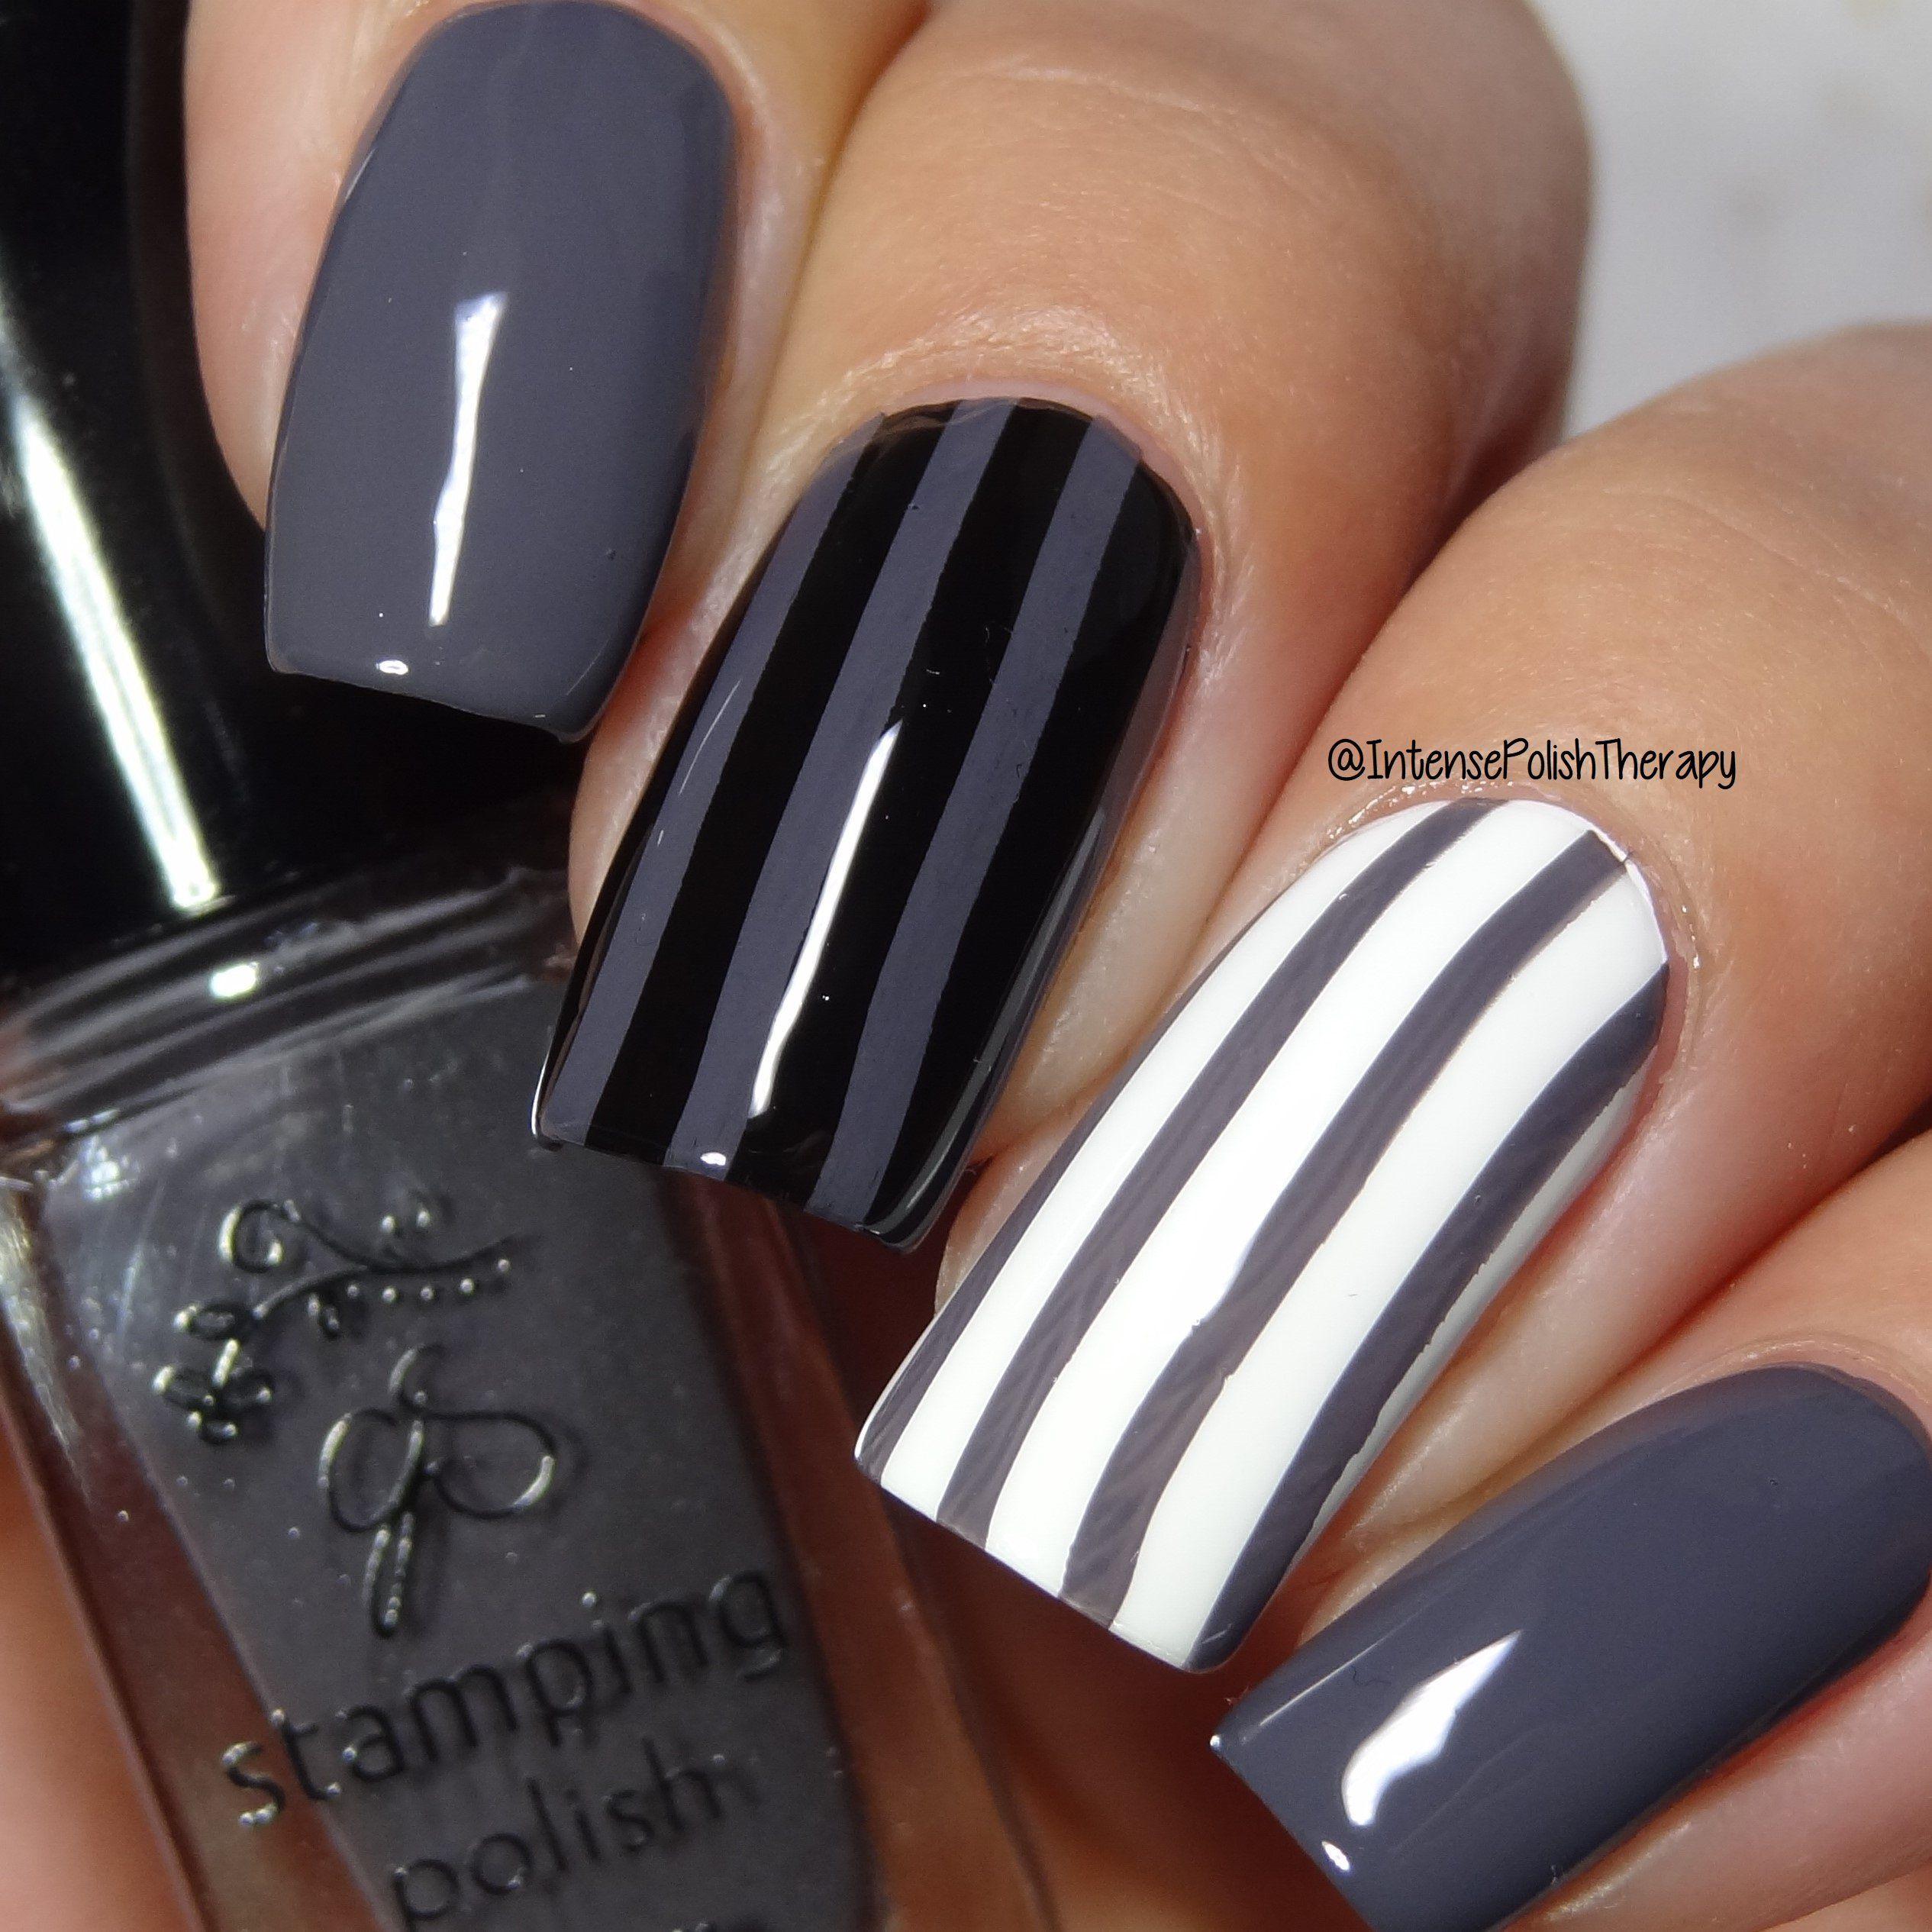 5 free formula nail polish  7 Slate Gray - Nail Stamping Color (7 Free Formula ...